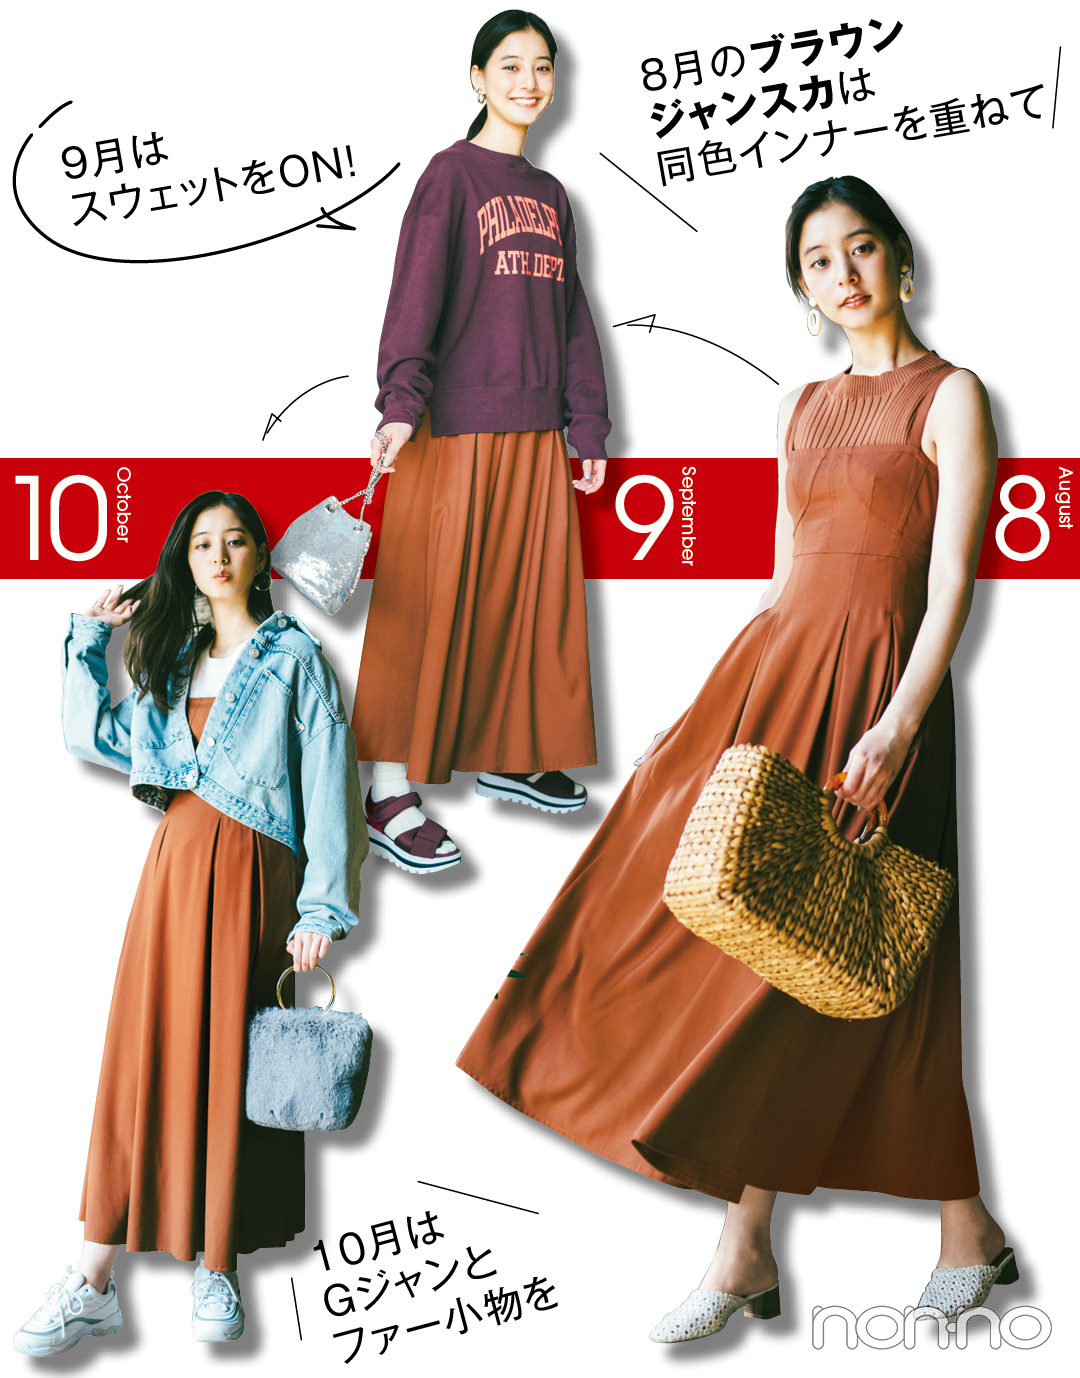 秋のおしゃれはもう始まってる! 今買うべき服はすべて10月号に★_1_2